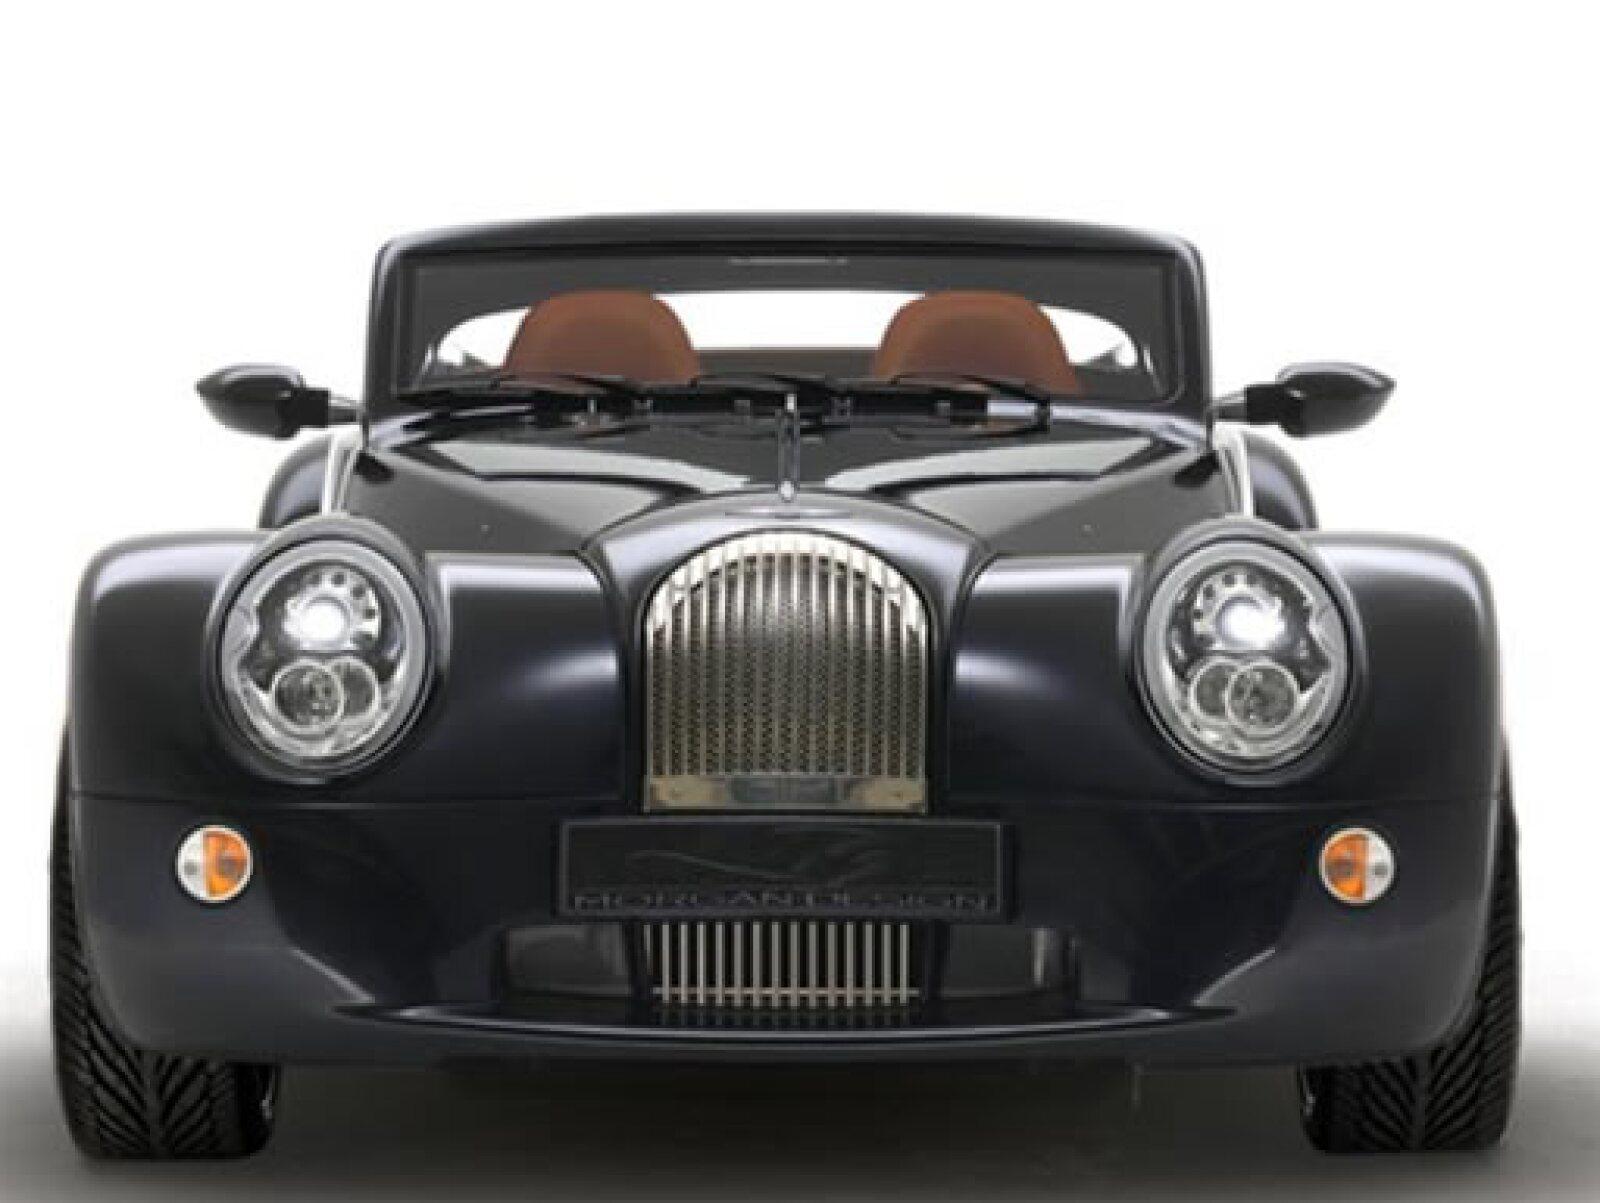 La automotriz fue fundada en 1909 por H.F.S. Morgan y fue dirigido por él hasta 1959. Peter Morgan, hijo de HFS, comandó la empresa hasta unos pocos años antes de su muerte en 2003.